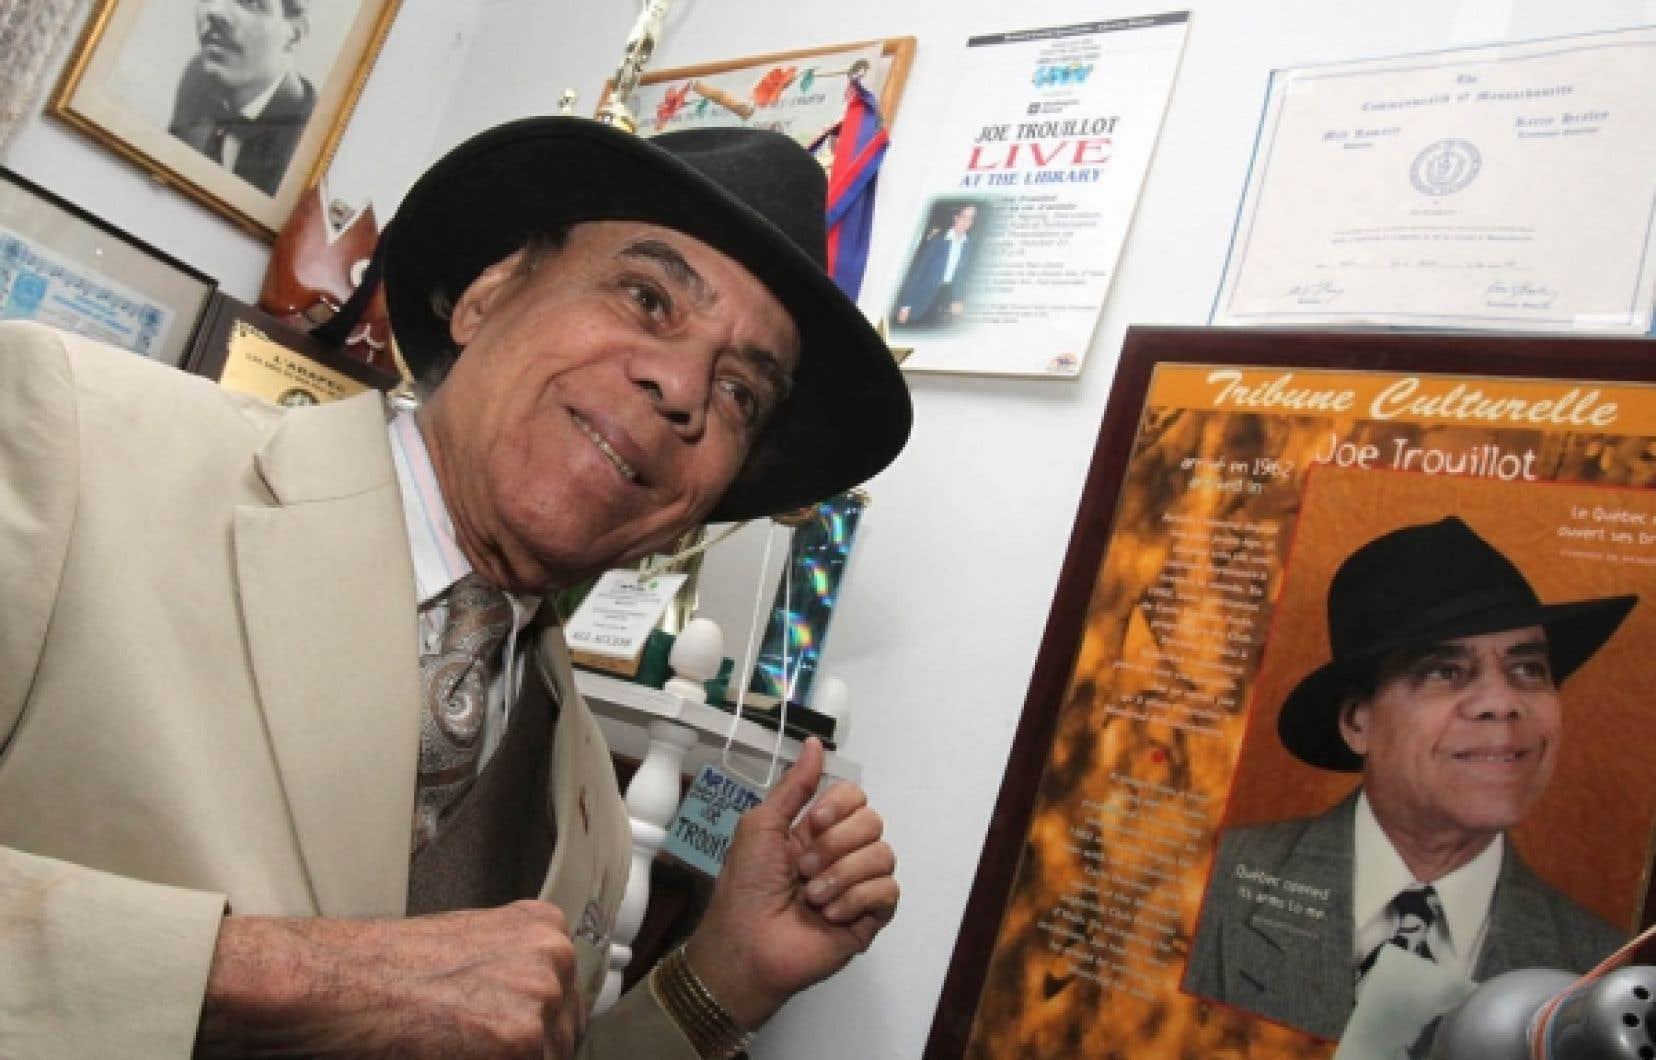 Encore actif à 87 ans, Joe Trouillot est le vénérable patriarche de la chanson haïtienne et peut-être même de la chanson tout court.